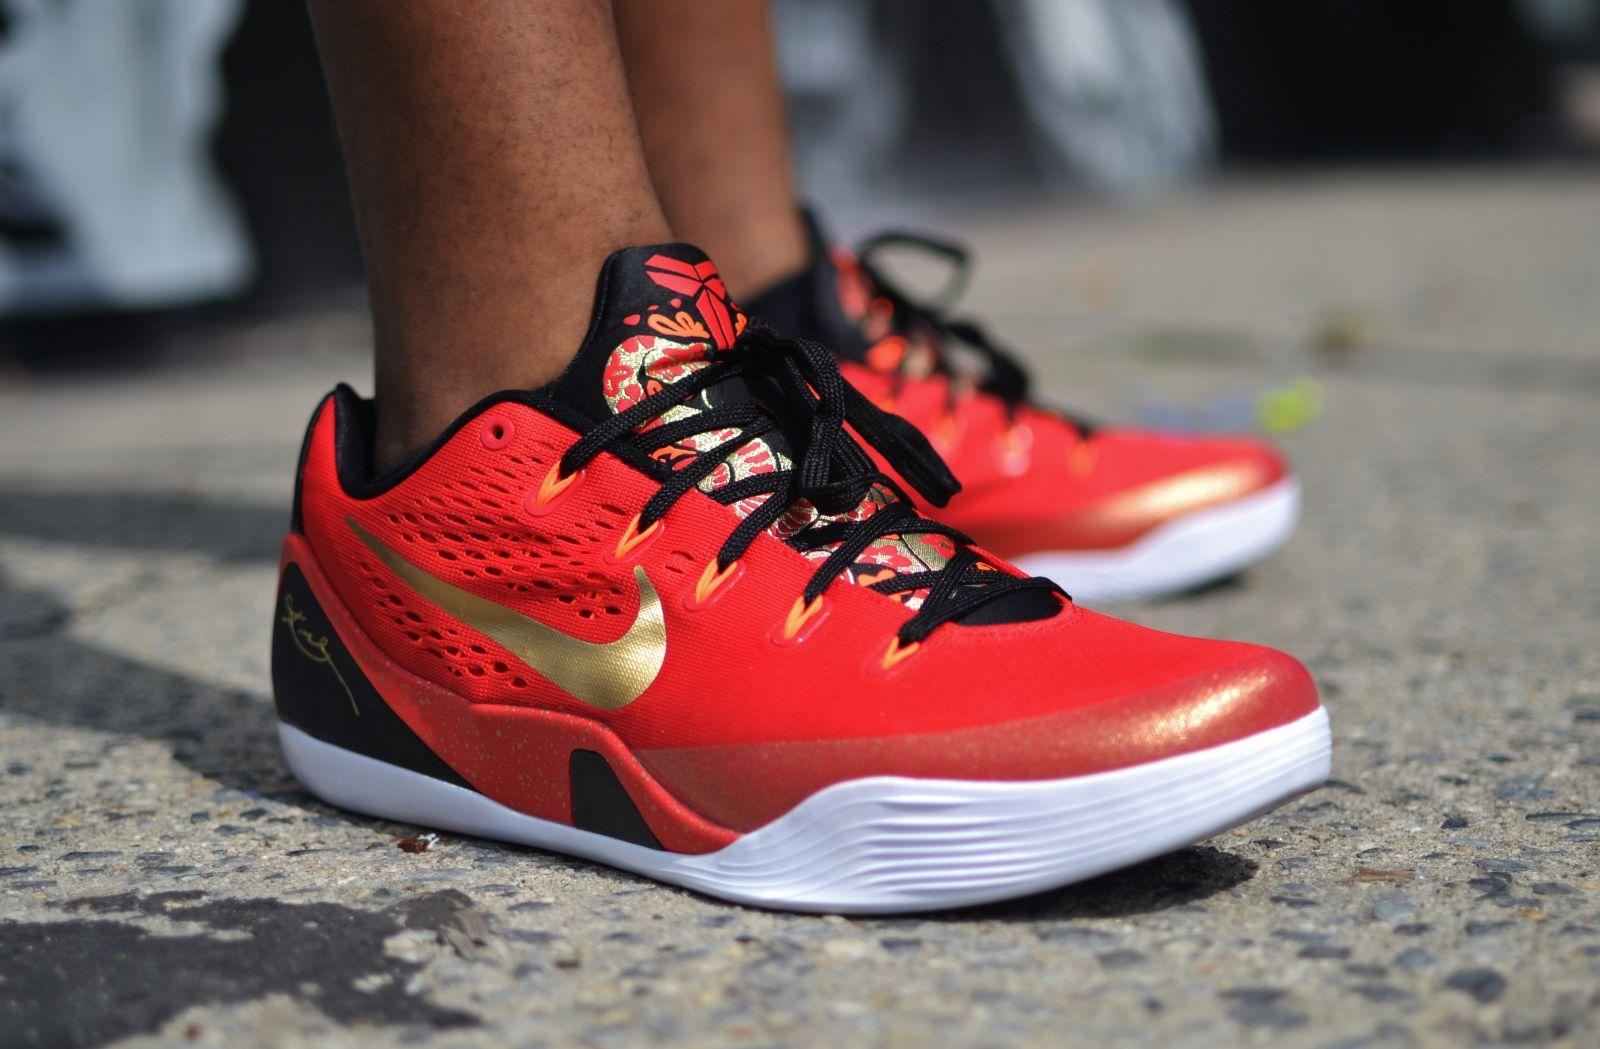 b6adf8720518 ... Nike Kobe 9 EM China ...